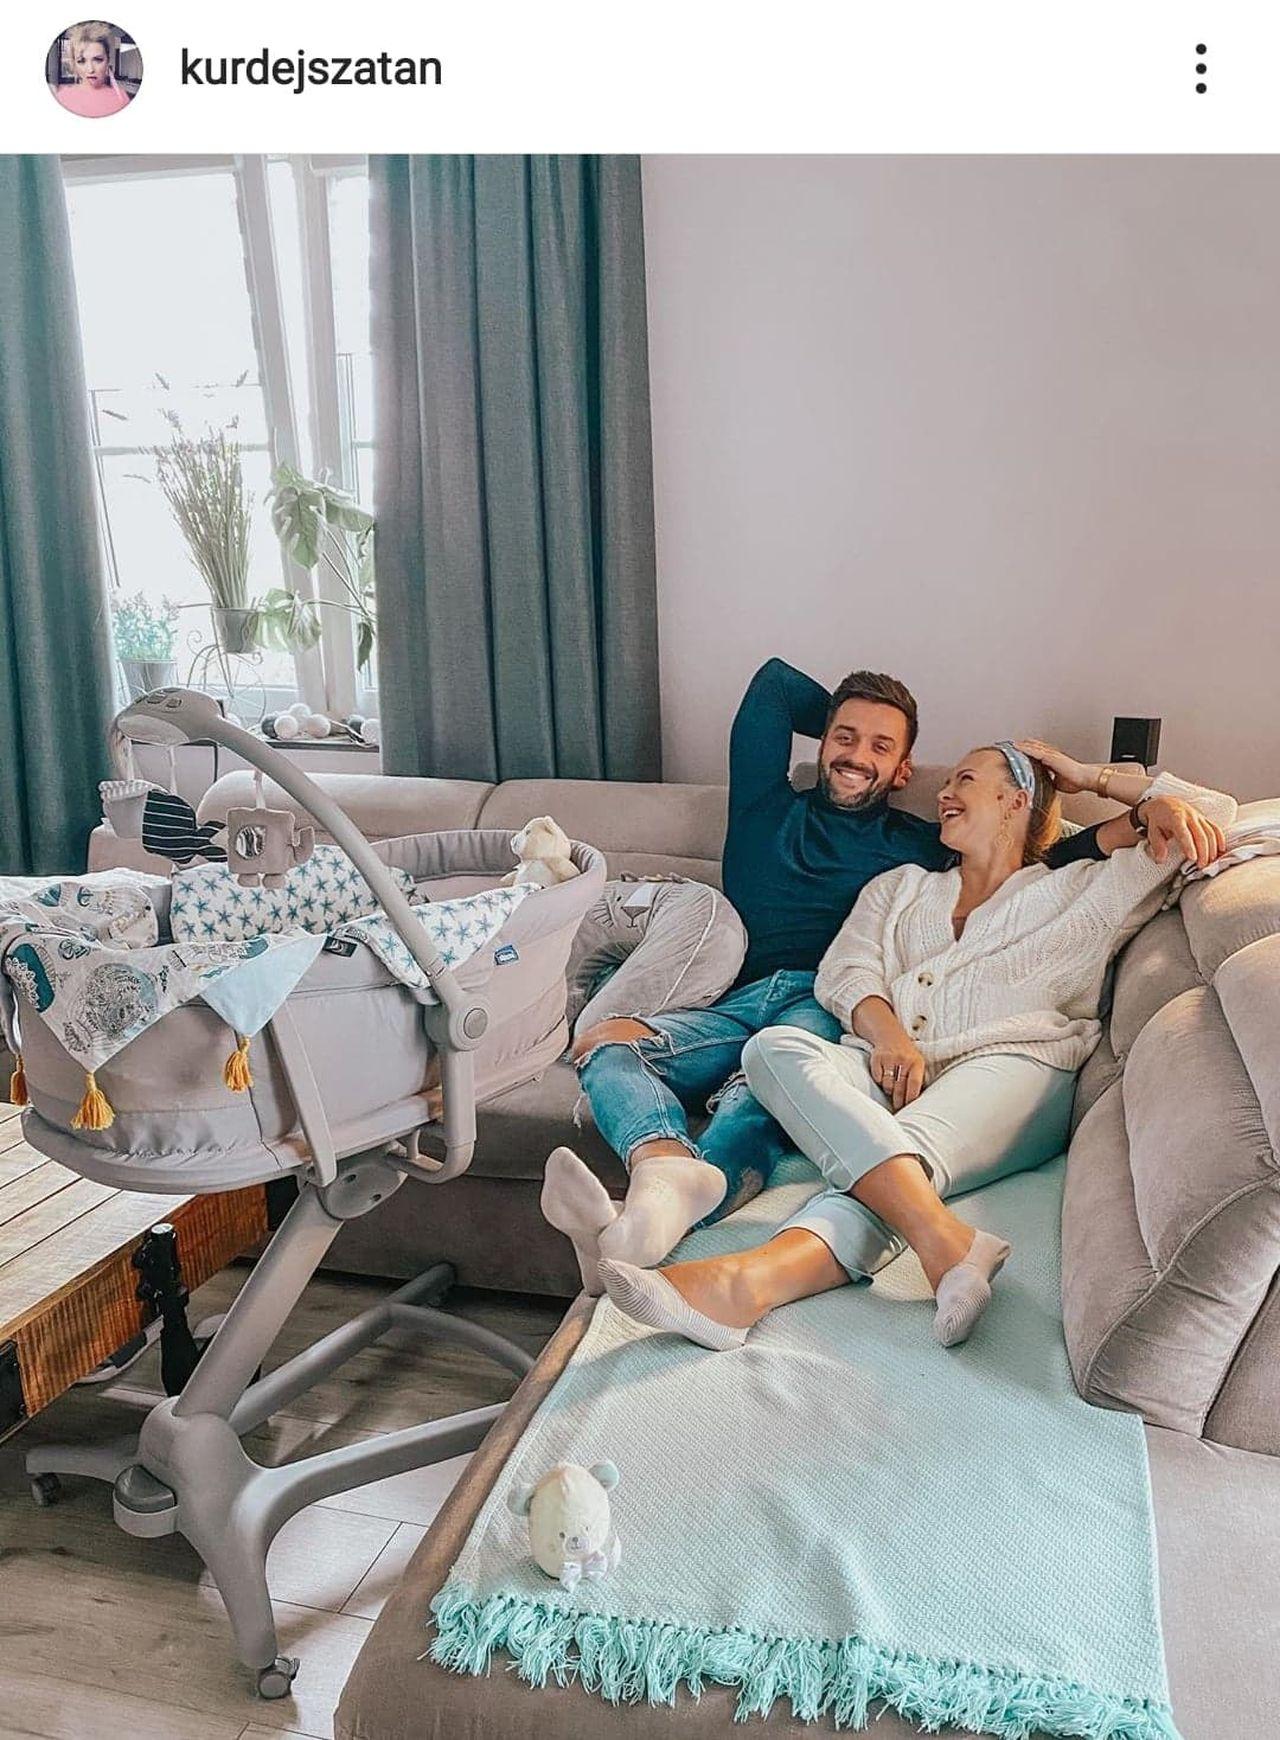 Barbara Kurdej-Szatan z mężem na kanapie